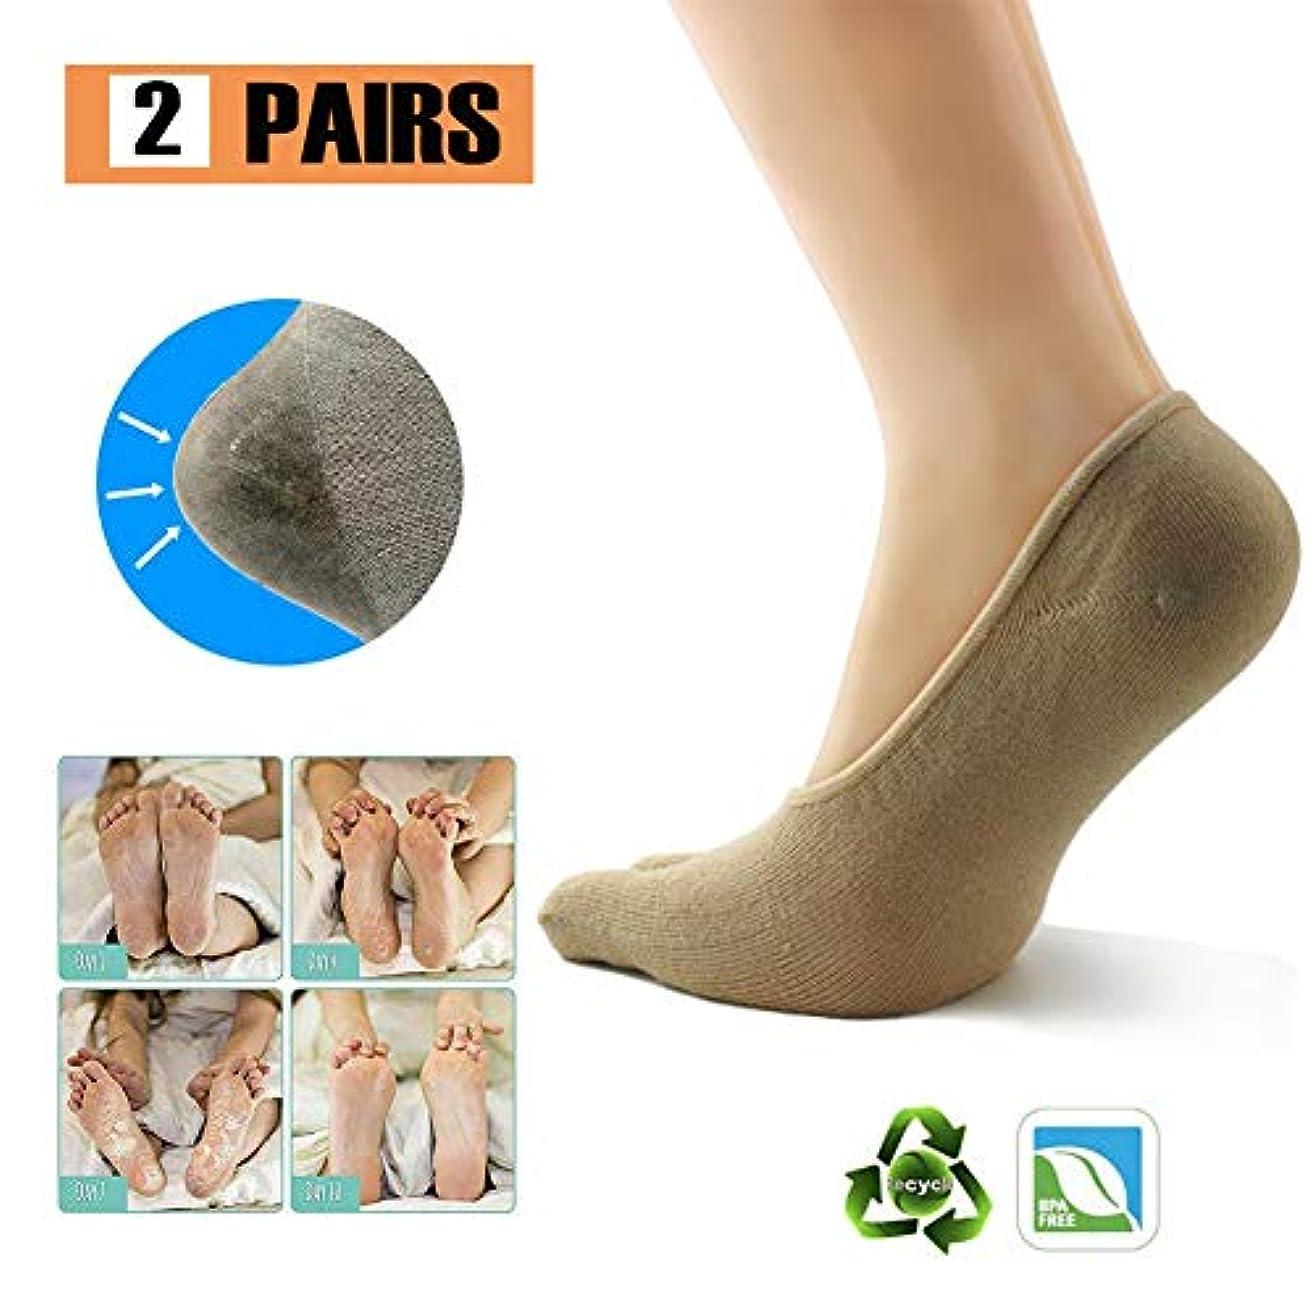 流行している光電君主制ヒールゲル保湿ソックスSPAゲル割れ防止ソックス割れ防止ボートソックス5本指の見えない靴下,2PCS